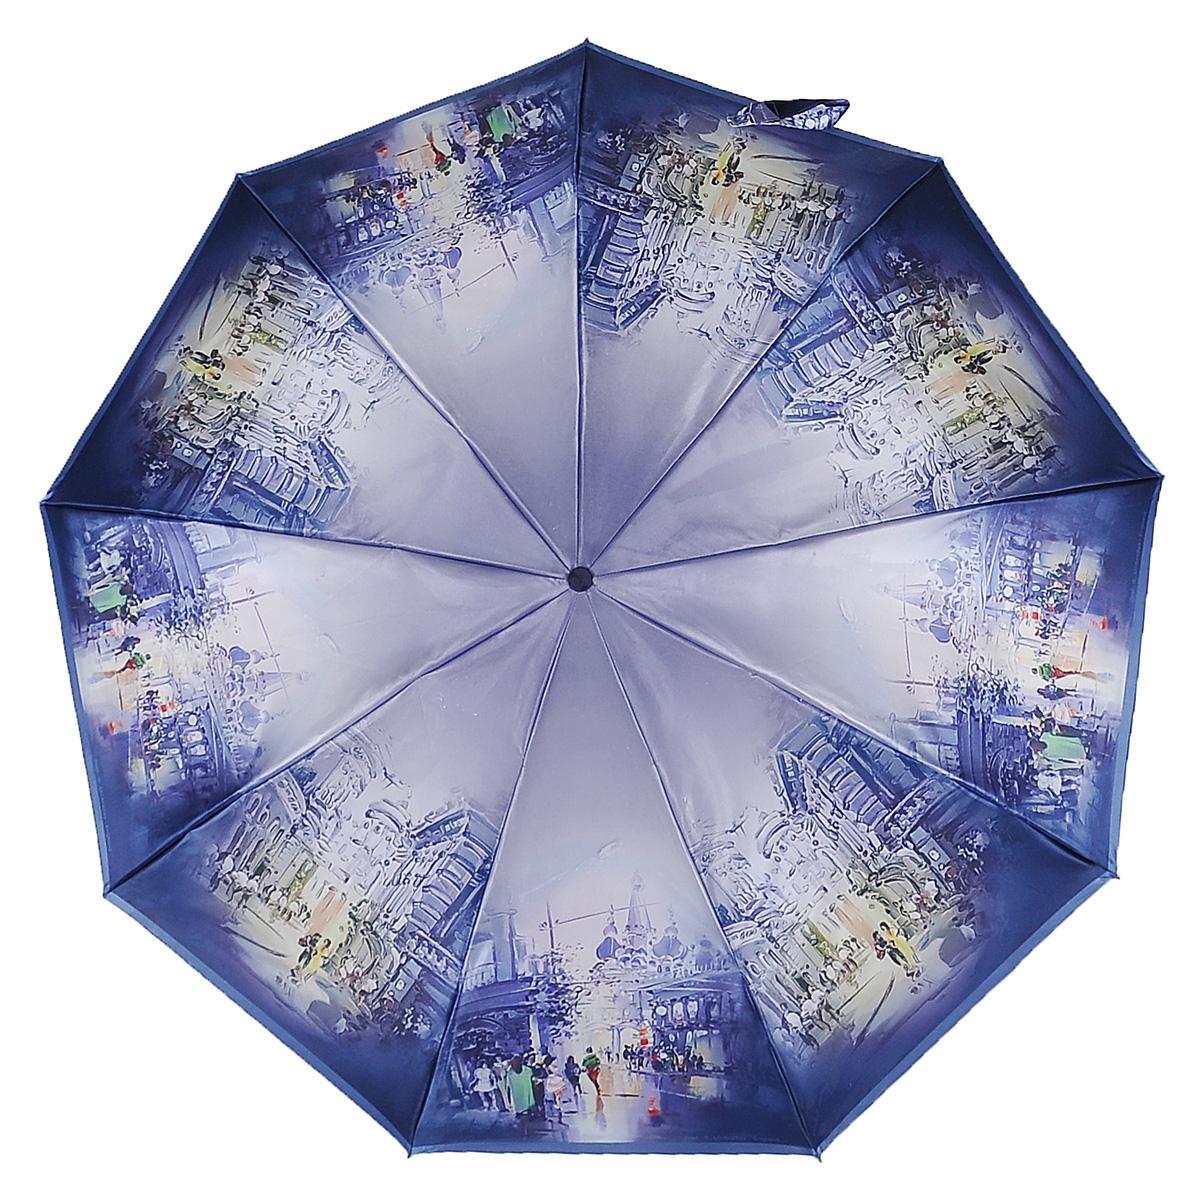 Зонт женский Zest, автомат, 3 сложения. 239444-25239444-25Женский автоматический зонт Zest в 3 сложения даже в ненастную погоду позволит вам оставаться стильной и элегантной. Каркас зонта состоит из 8 спиц из фибергласса и прочного алюминиевого стержня. Специальная система Windproof защищает его от поломок во время сильных порывов ветра. Купол зонта выполнен из прочного полиэстера с водоотталкивающей пропиткой и оформлен оригинальным изображением. Используемые высококачественные красители, а также покрытие Teflon обеспечивают длительное сохранение свойств ткани купола. Рукоятка, разработанная с учетом требований эргономики, выполнена из приятного на ощупь прорезиненного пластика. Зонт имеет полный автоматический механизм сложения: купол открывается и закрывается нажатием кнопки на рукоятке, стержень складывается вручную до характерного щелчка, благодаря чему открыть и закрыть зонт можно одной рукой, что чрезвычайно удобно при входе в транспорт или помещение. На рукоятке для удобства есть небольшой шнурок, позволяющий надеть...